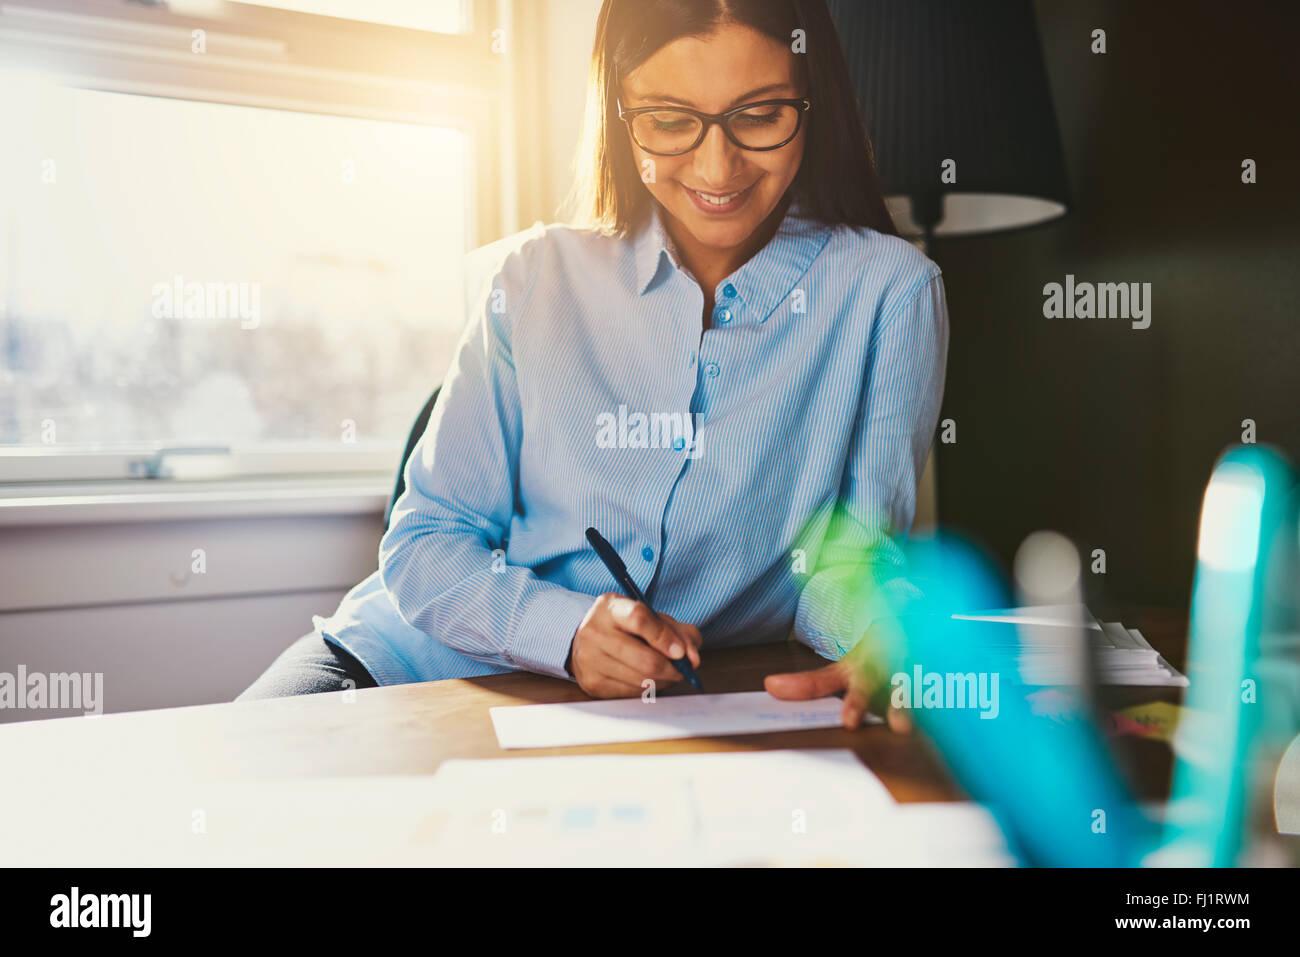 Mujer de negocios trabajando en un escritorio escribiendo una dirección en un sobre Imagen De Stock